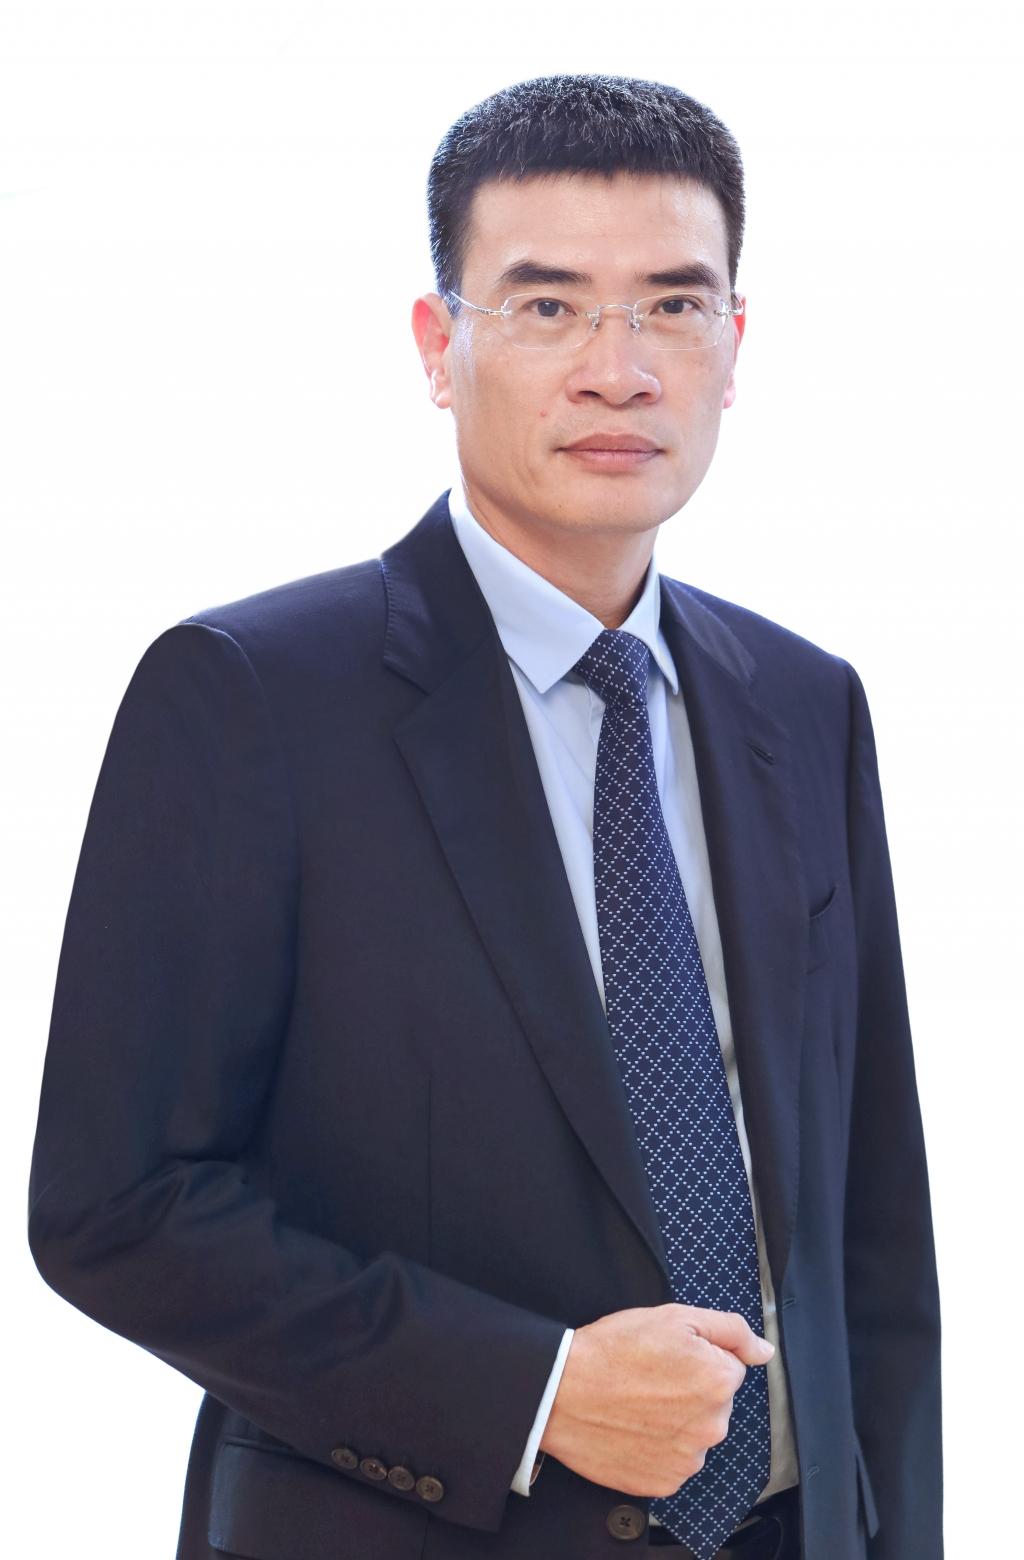 Ông Dương Mạnh Sơn – Phụ trách HĐQT, Tổng giám đốc PV GAS được HĐQT PV GAS nhất trí bầu giữ chức vụ Chủ tịch HĐQT PV GAS